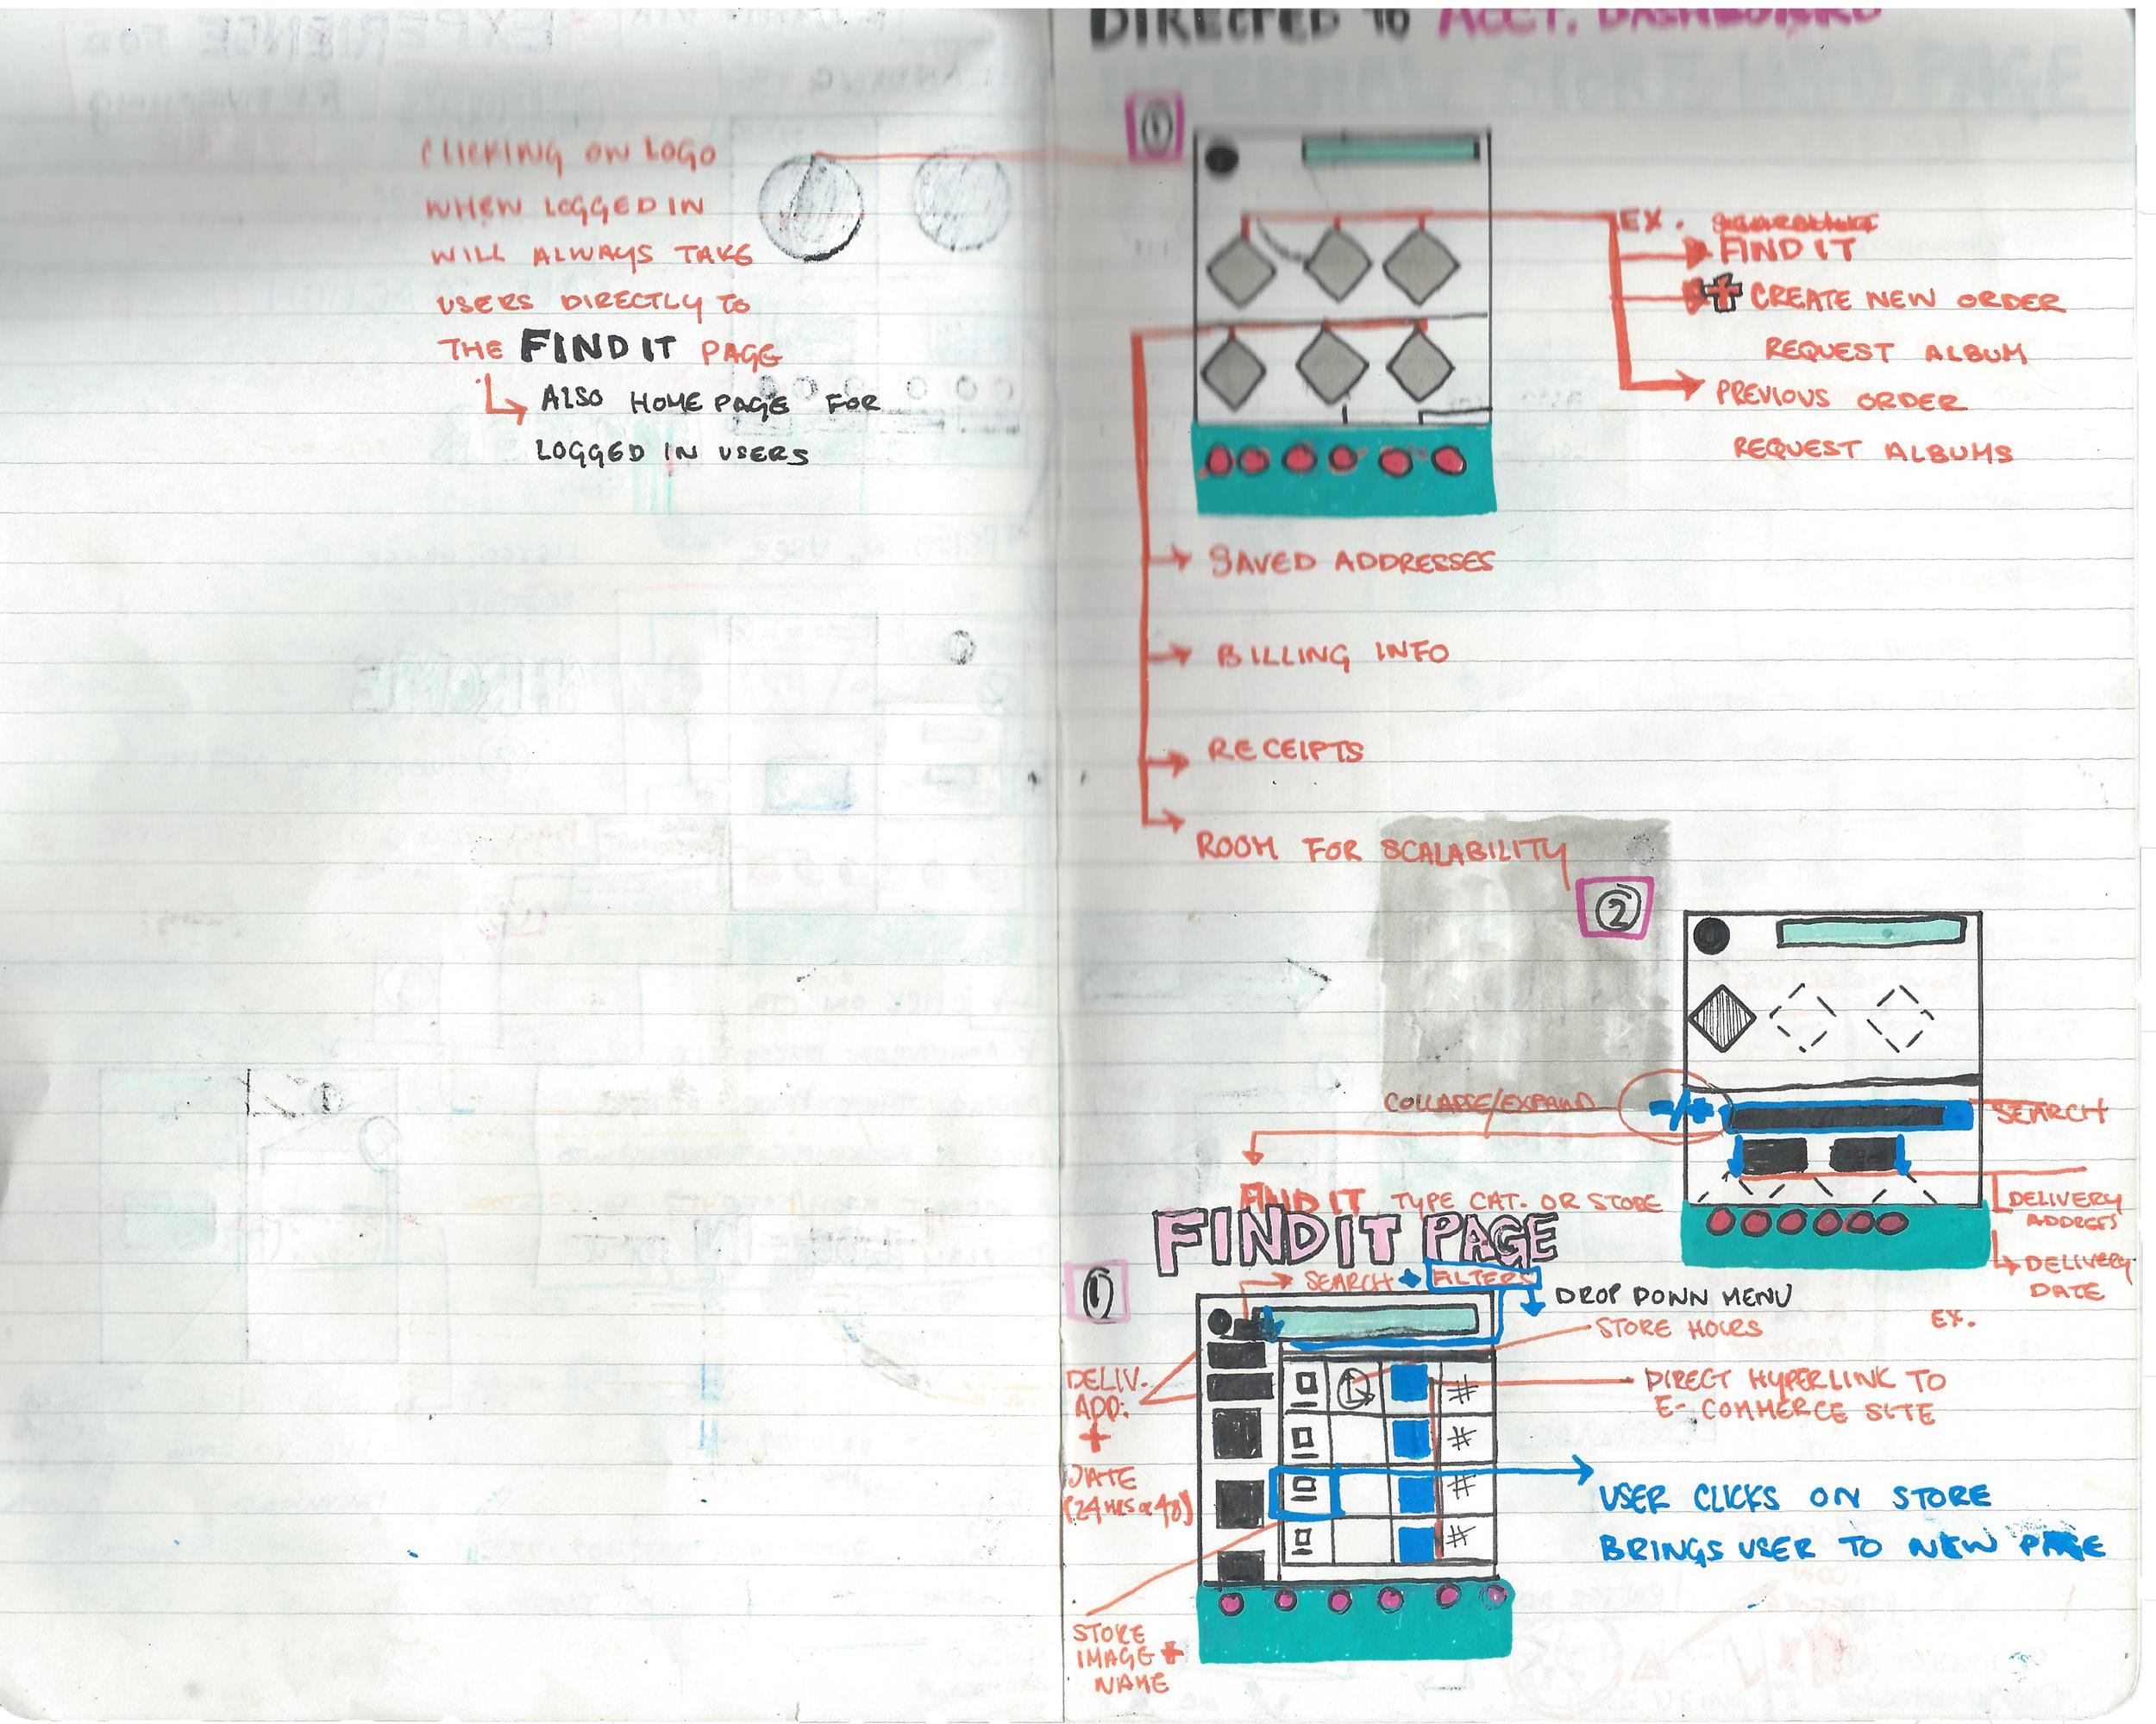 ACCOUNT DASHBOARD copy.jpg